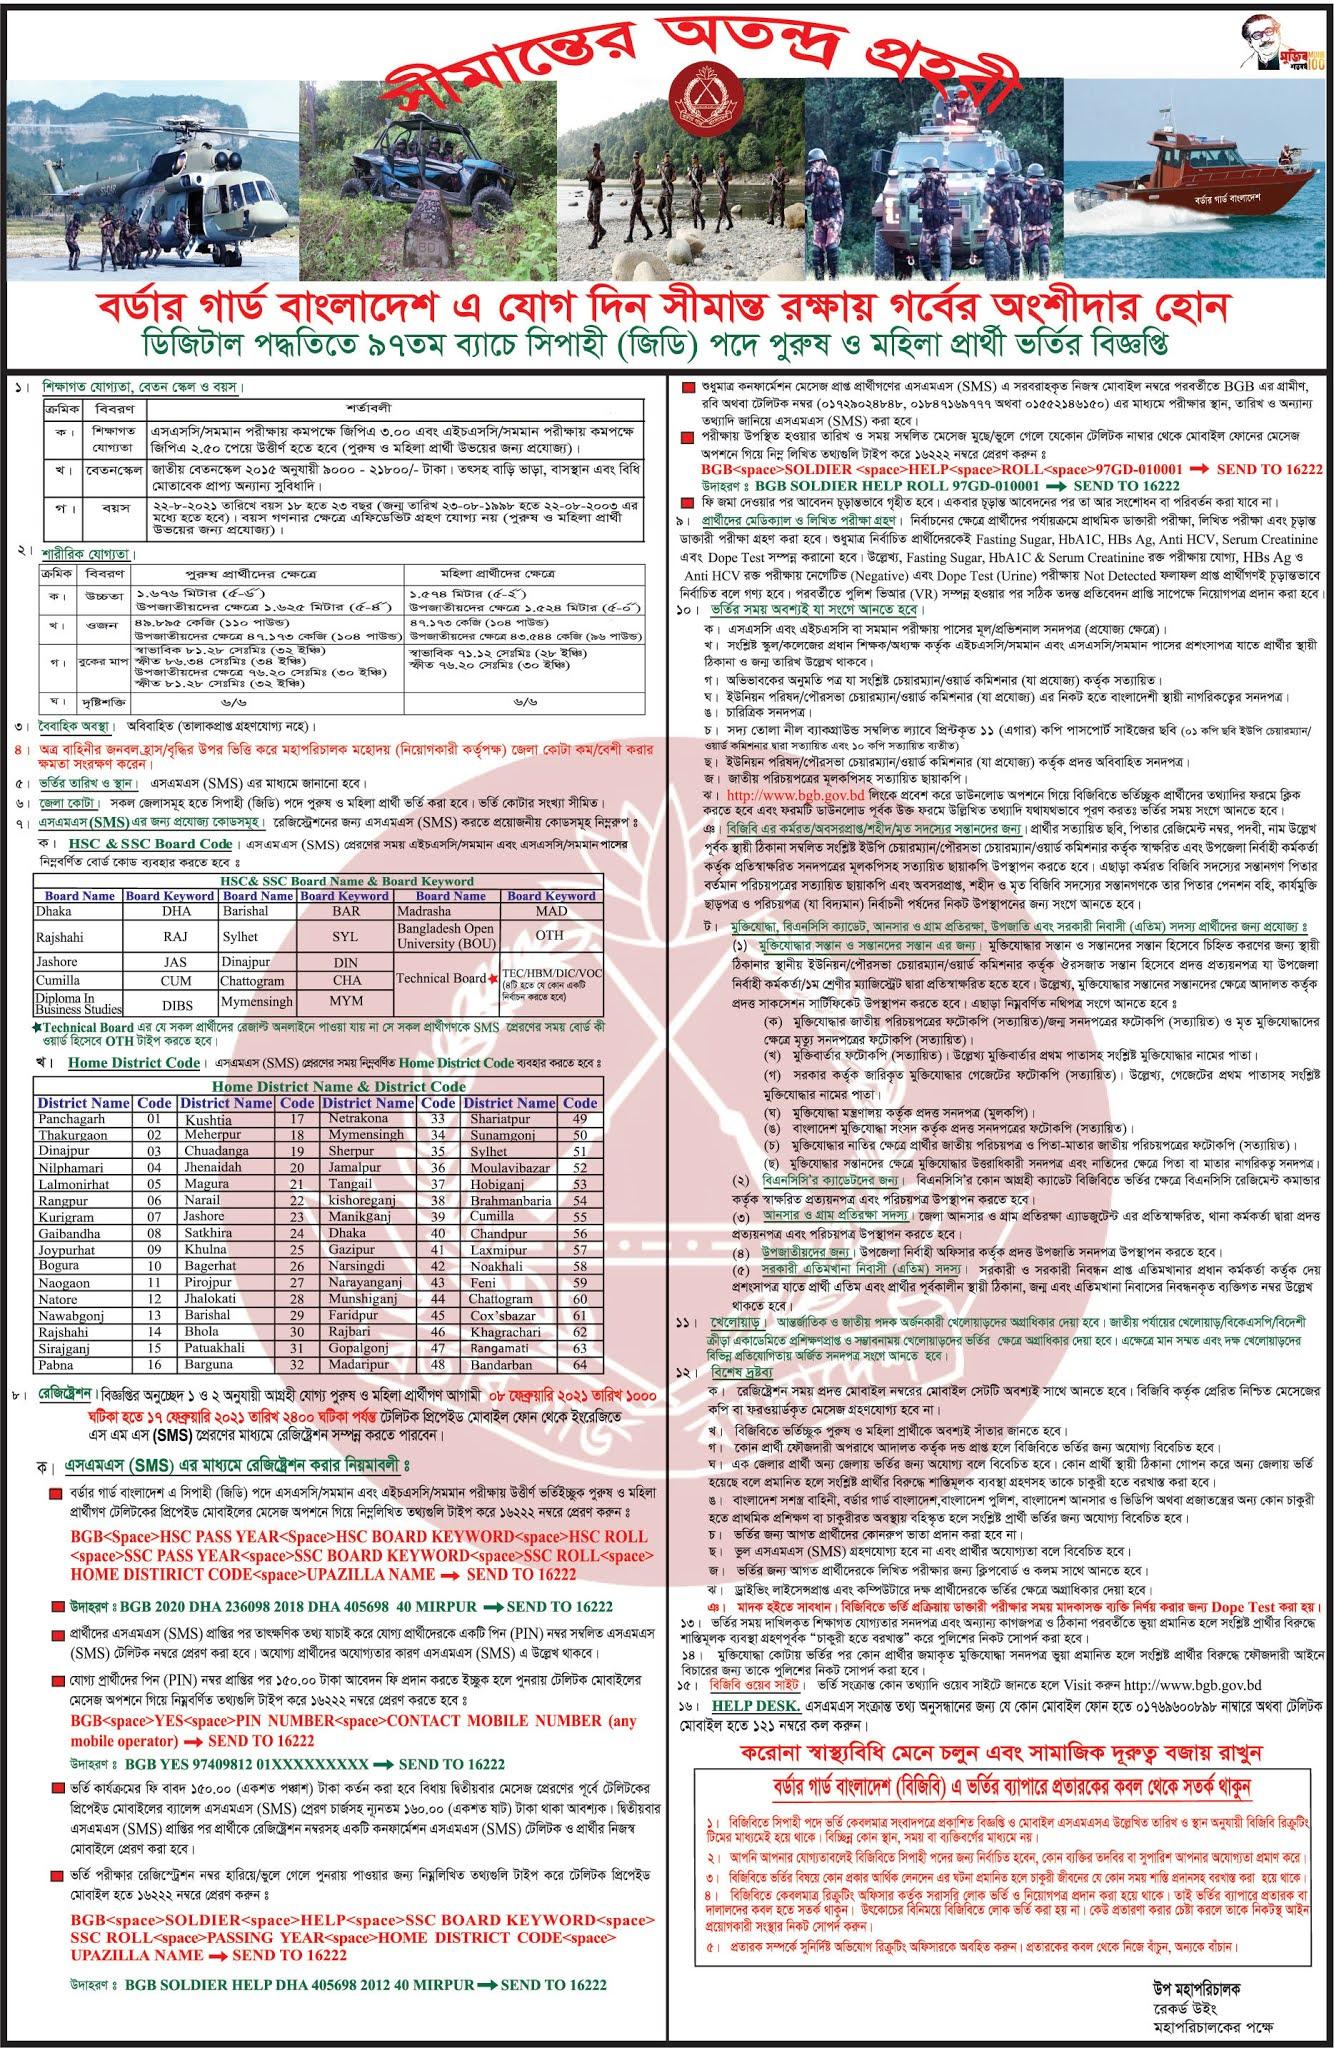 বাংলাদেশ বর্ডার গার্ড ফোরস বিজিবি তে সিপাহি নিয়োগ বিজ্ঞপ্তি ২০২১ । BGB JOB CIRLER 2021। বিজিপি তে জিডি পদে নিয়োগ বিজ্ঞপ্তি